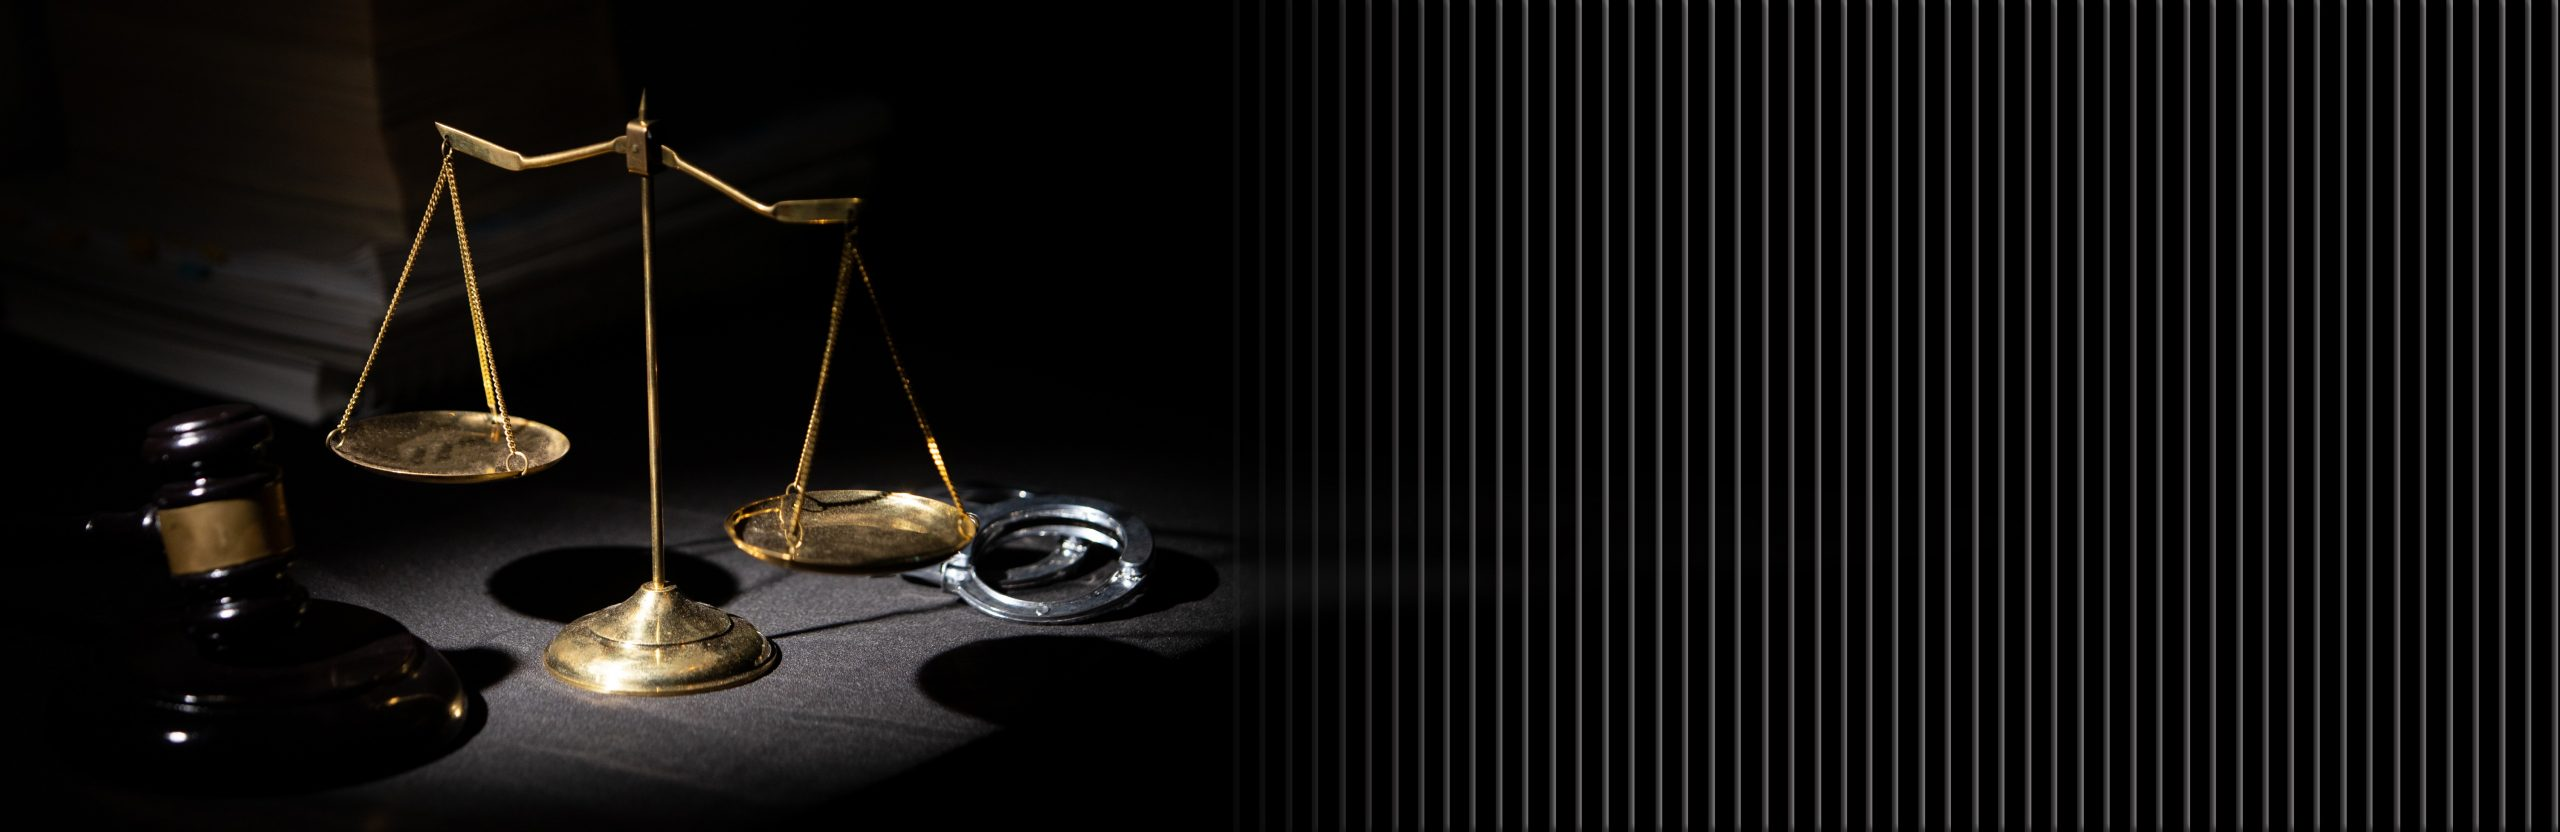 Law Blog - Gavel, Scale, and Cuffs on dark cloth.